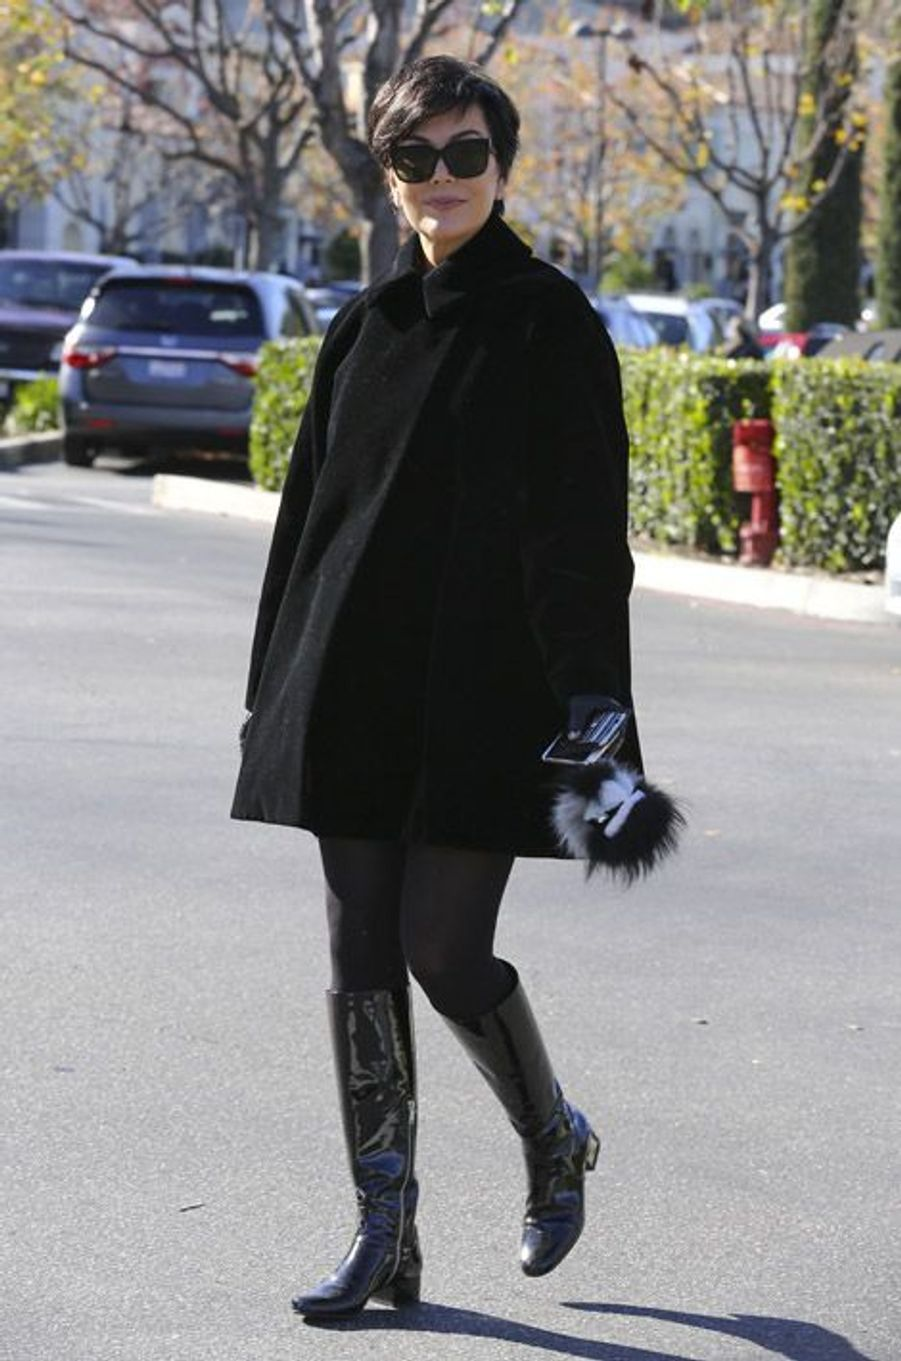 La star de la téléréalité Kris Jenner, très sixties, à Los Angeles, le 27 décembre 2014